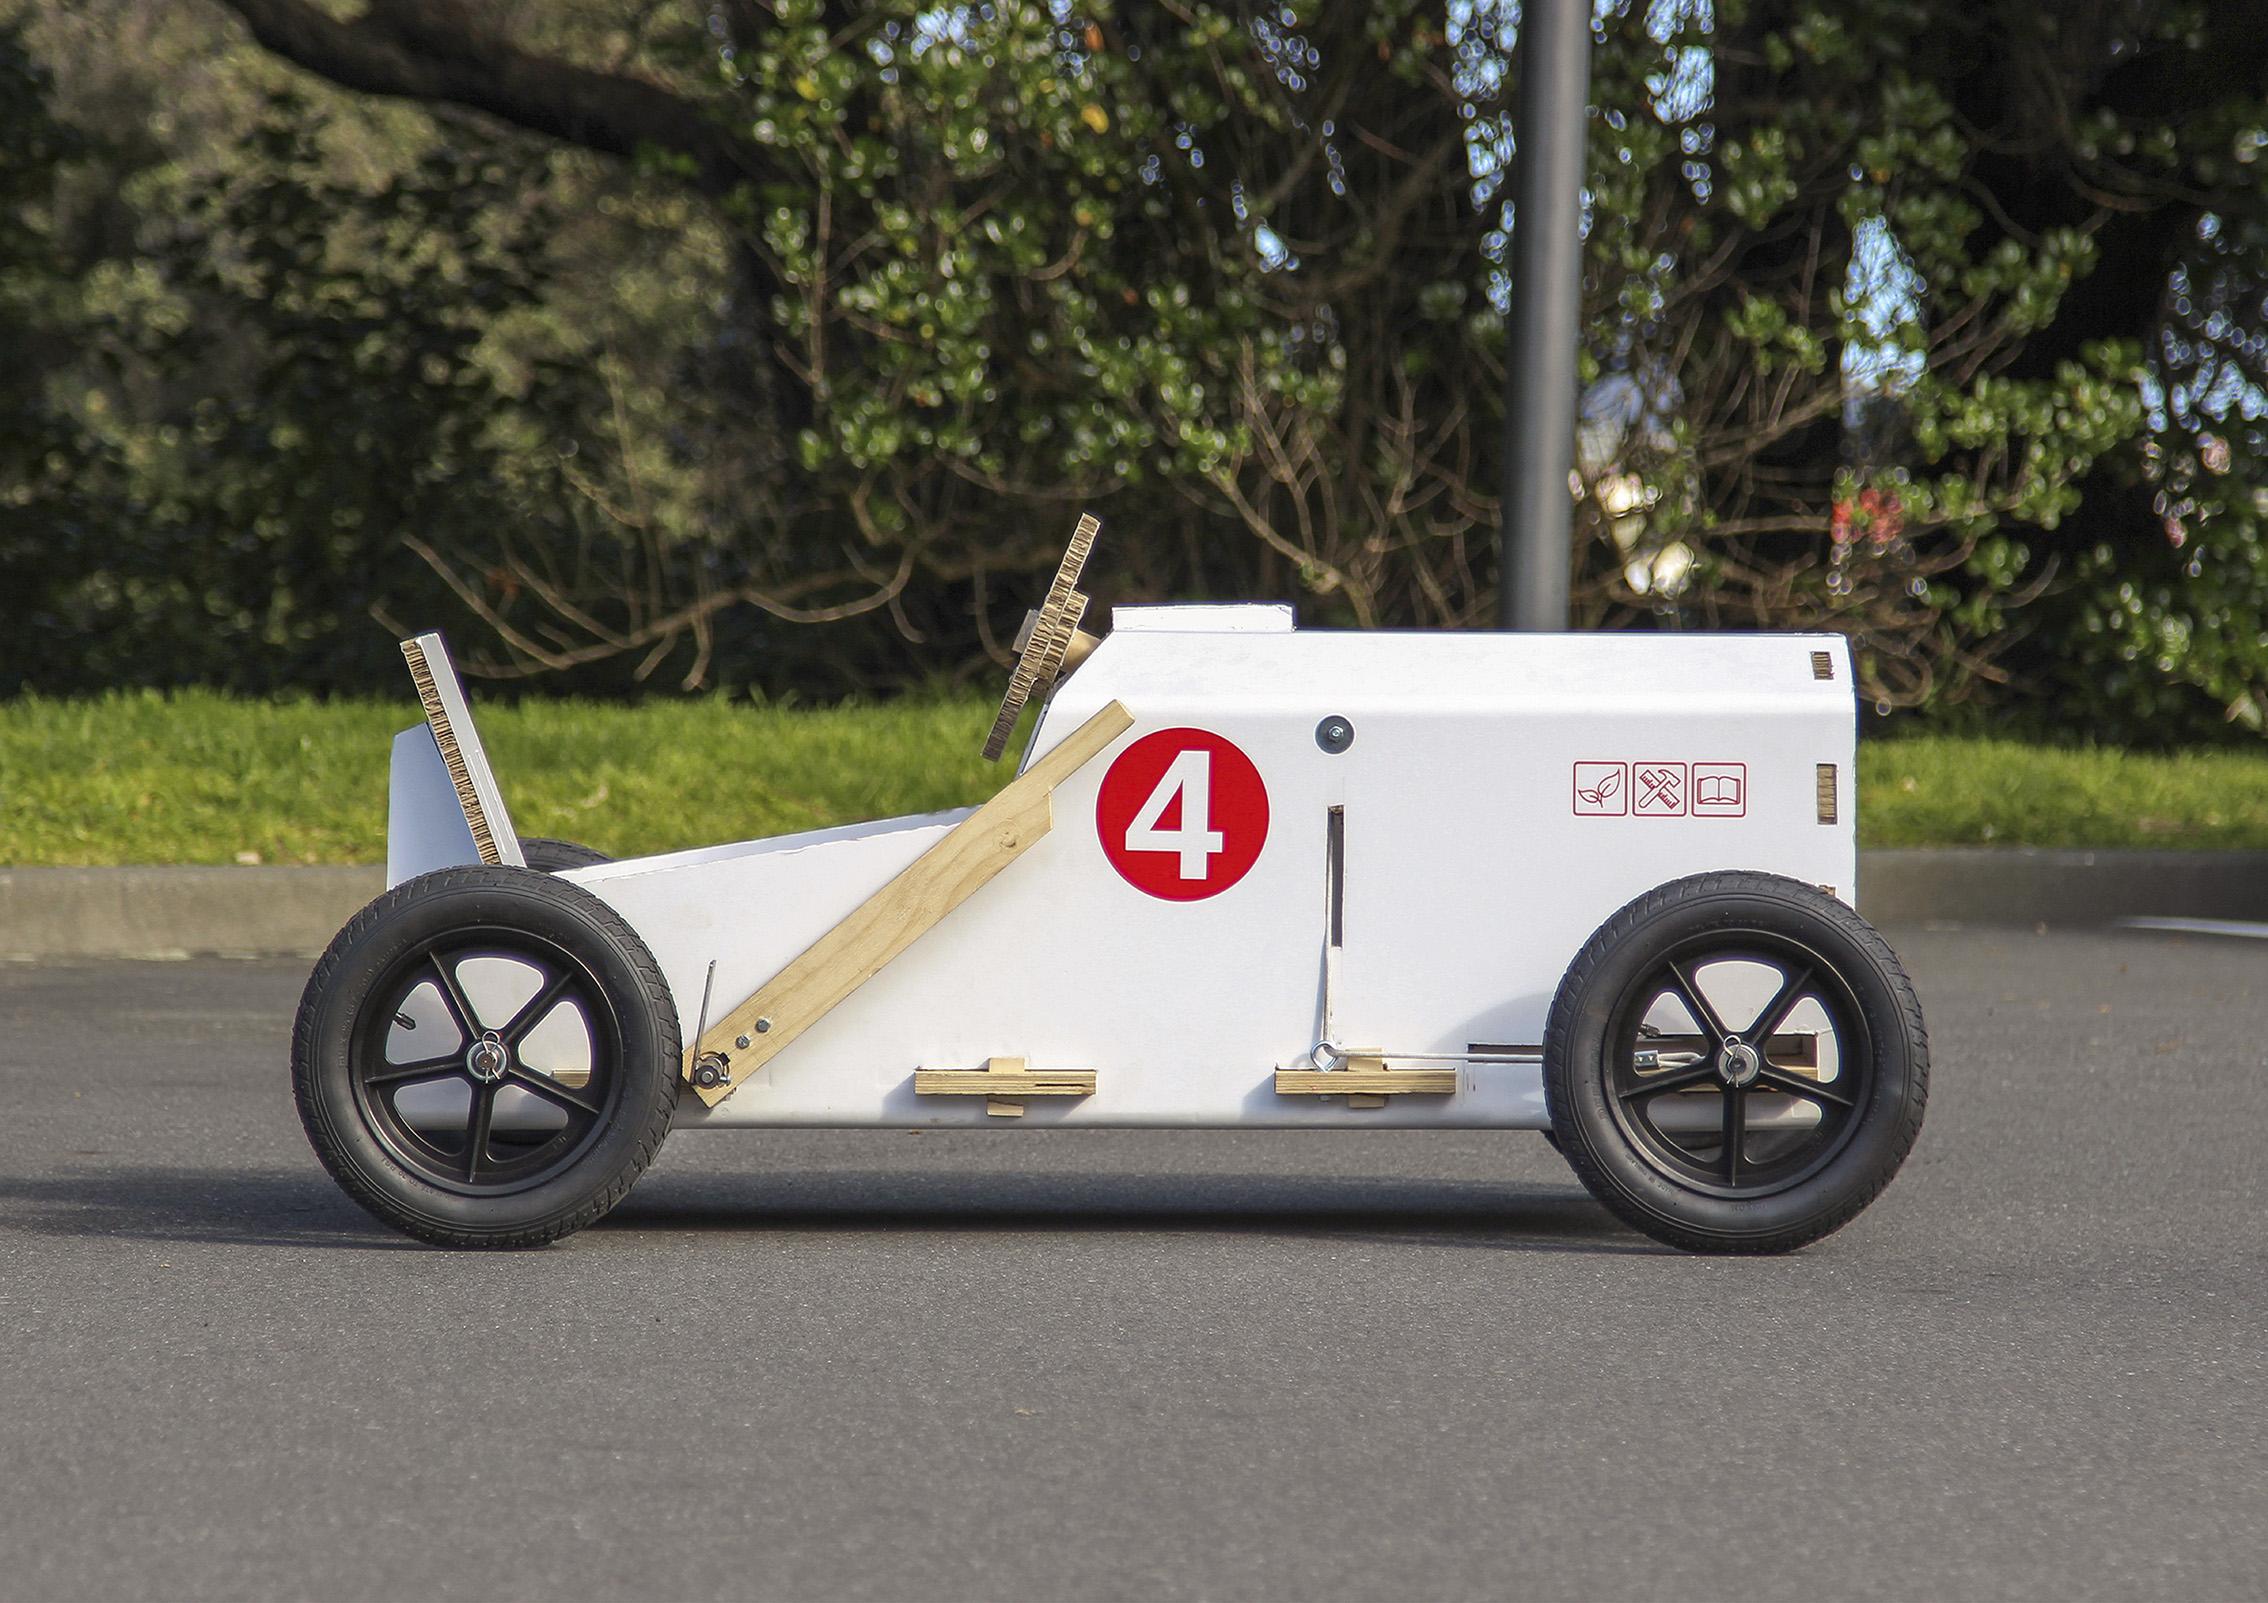 Kit-Netic Cardboard Soapbox Racer. Glenn Catchpole. Massey University.